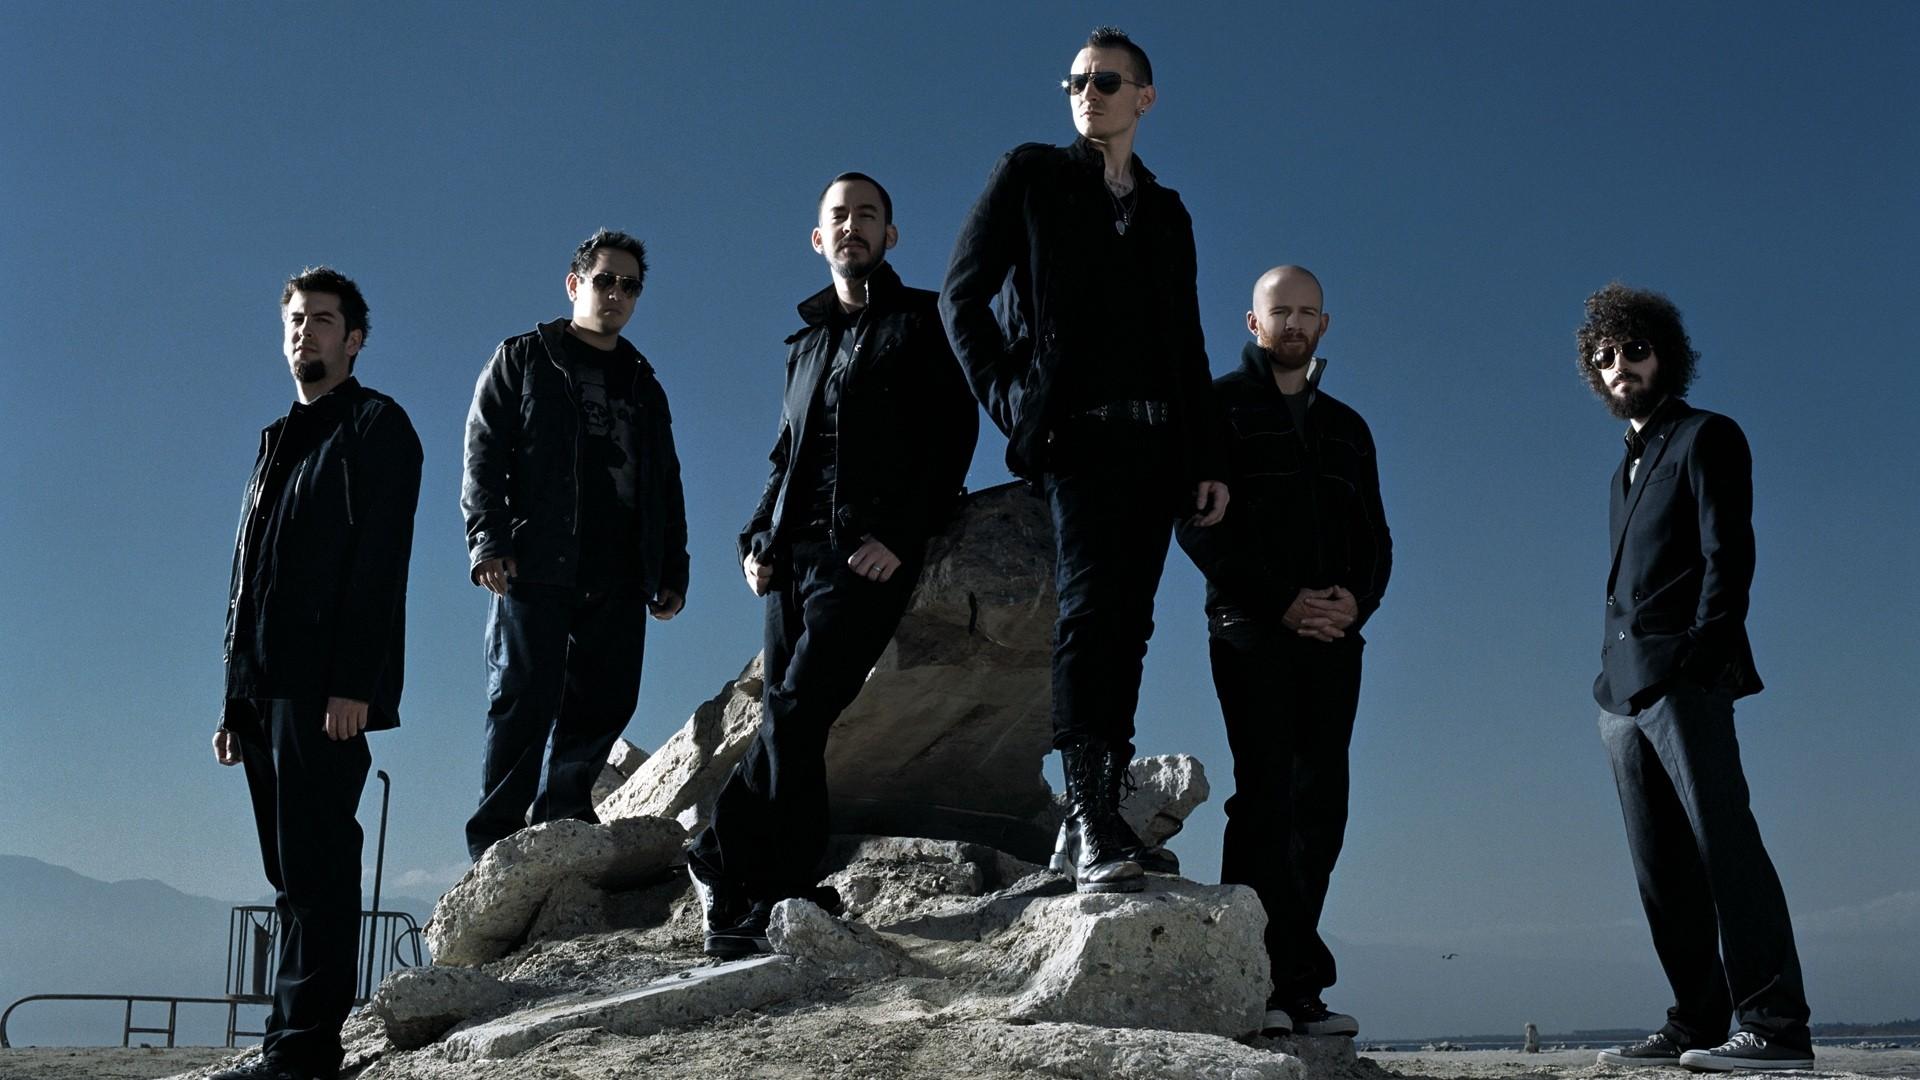 Linkin Park Wallpaper Full HD